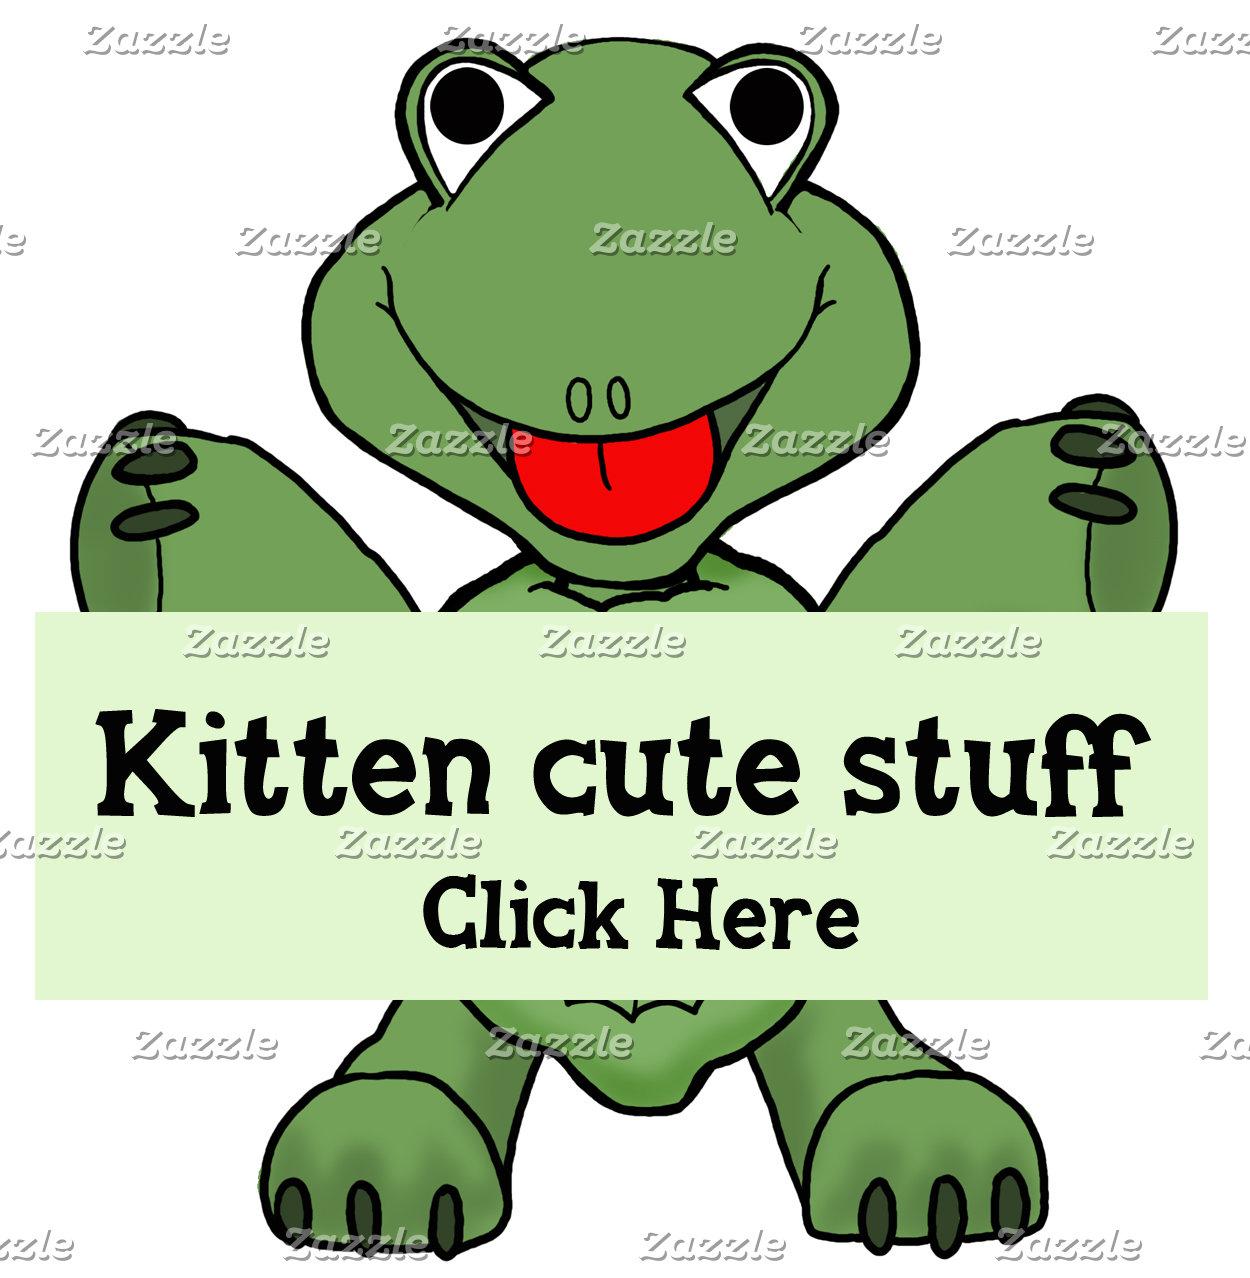 Kitten Cute Stuff